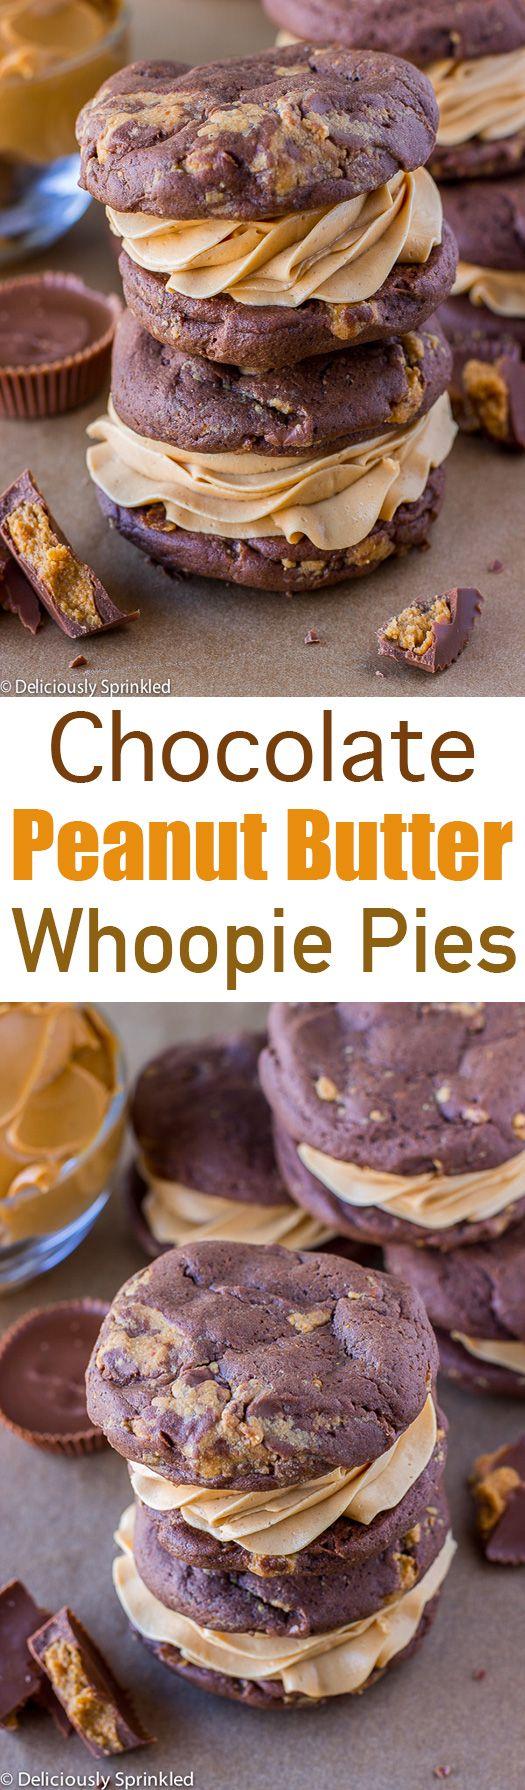 ... - Whoopie Pies on Pinterest   Whoopie Pies, Pumpkin Whoopie Pies